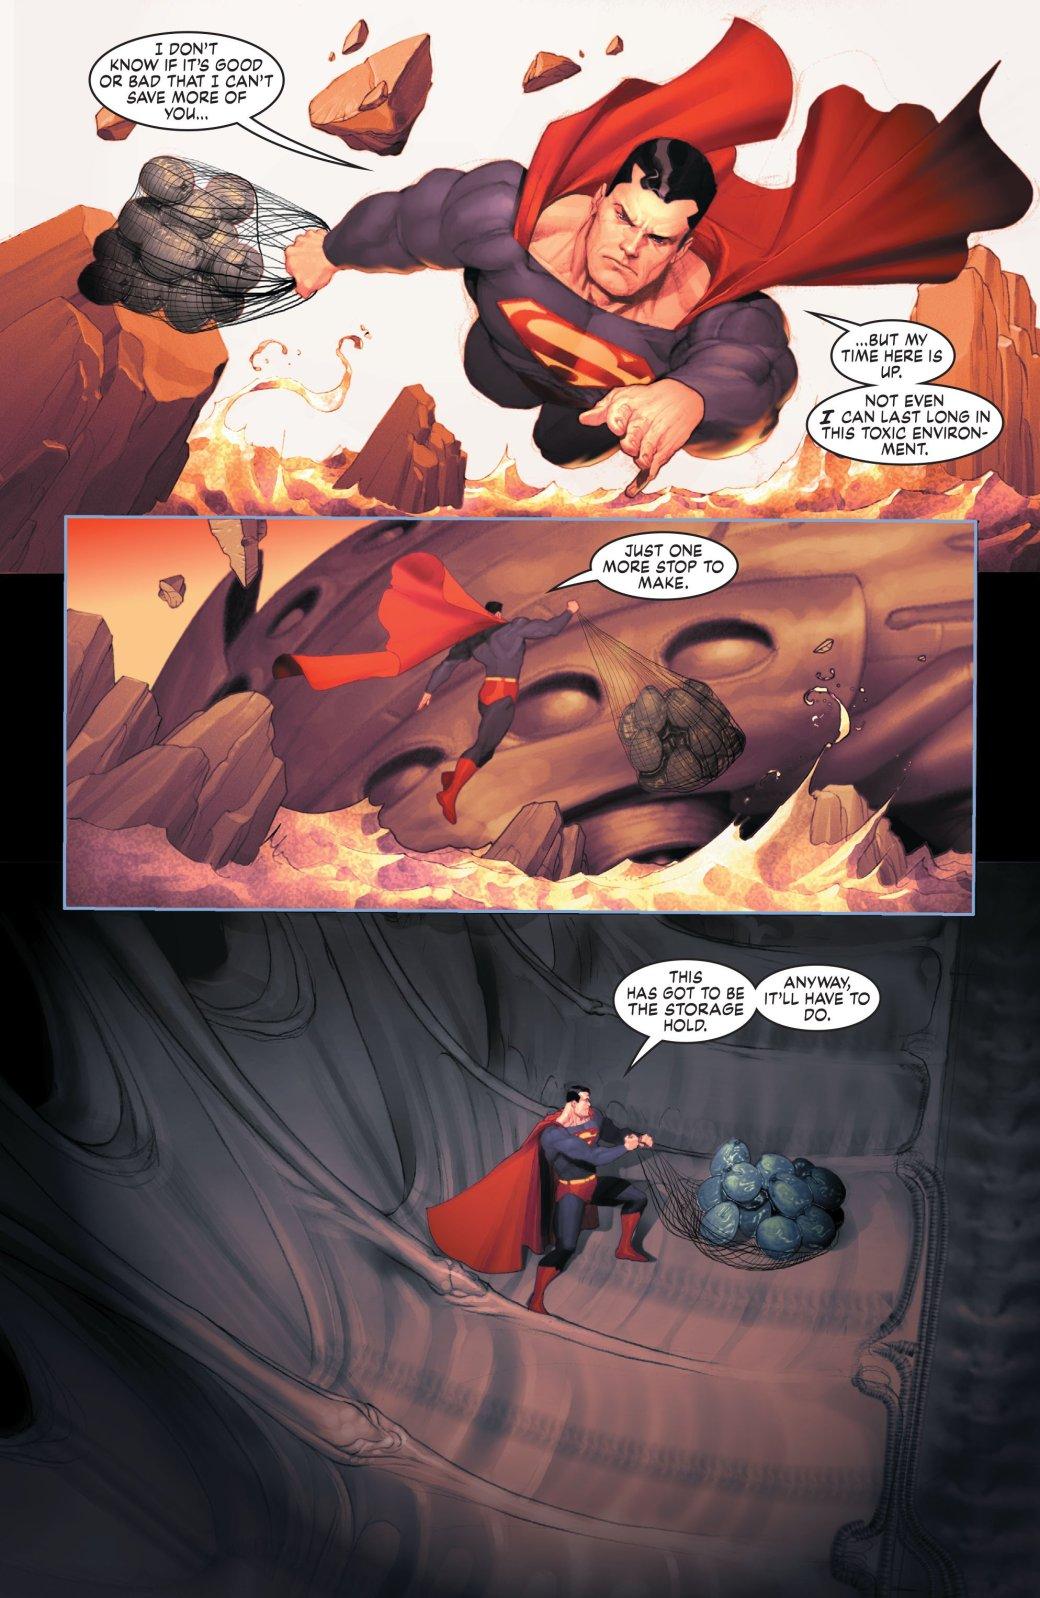 Бэтмен против Чужого?! Безумные комикс-кроссоверы сксеноморфами. - Изображение 32